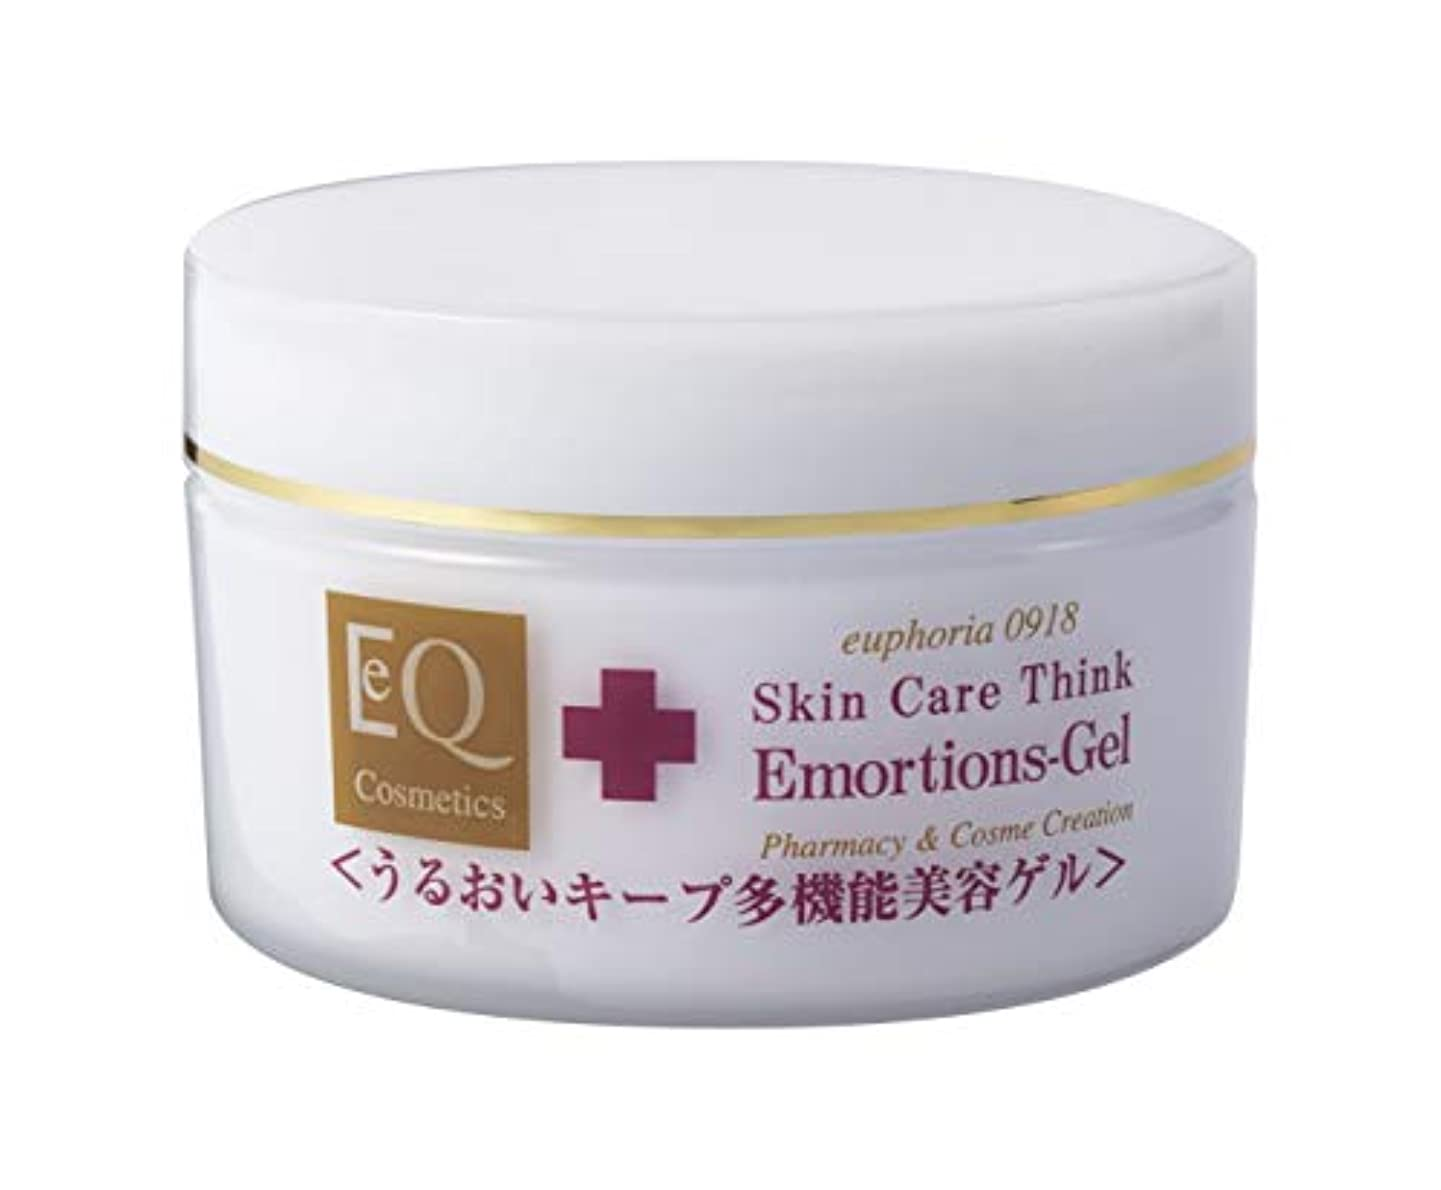 ポーンお手入れ判決EQ Cosmetics (イーキューコスメティクス) スキンケアシンク モルションズゲルEXモイスチャー うるおいキープ多機能美容ゲル 80g お試し用ホイップ4gセット